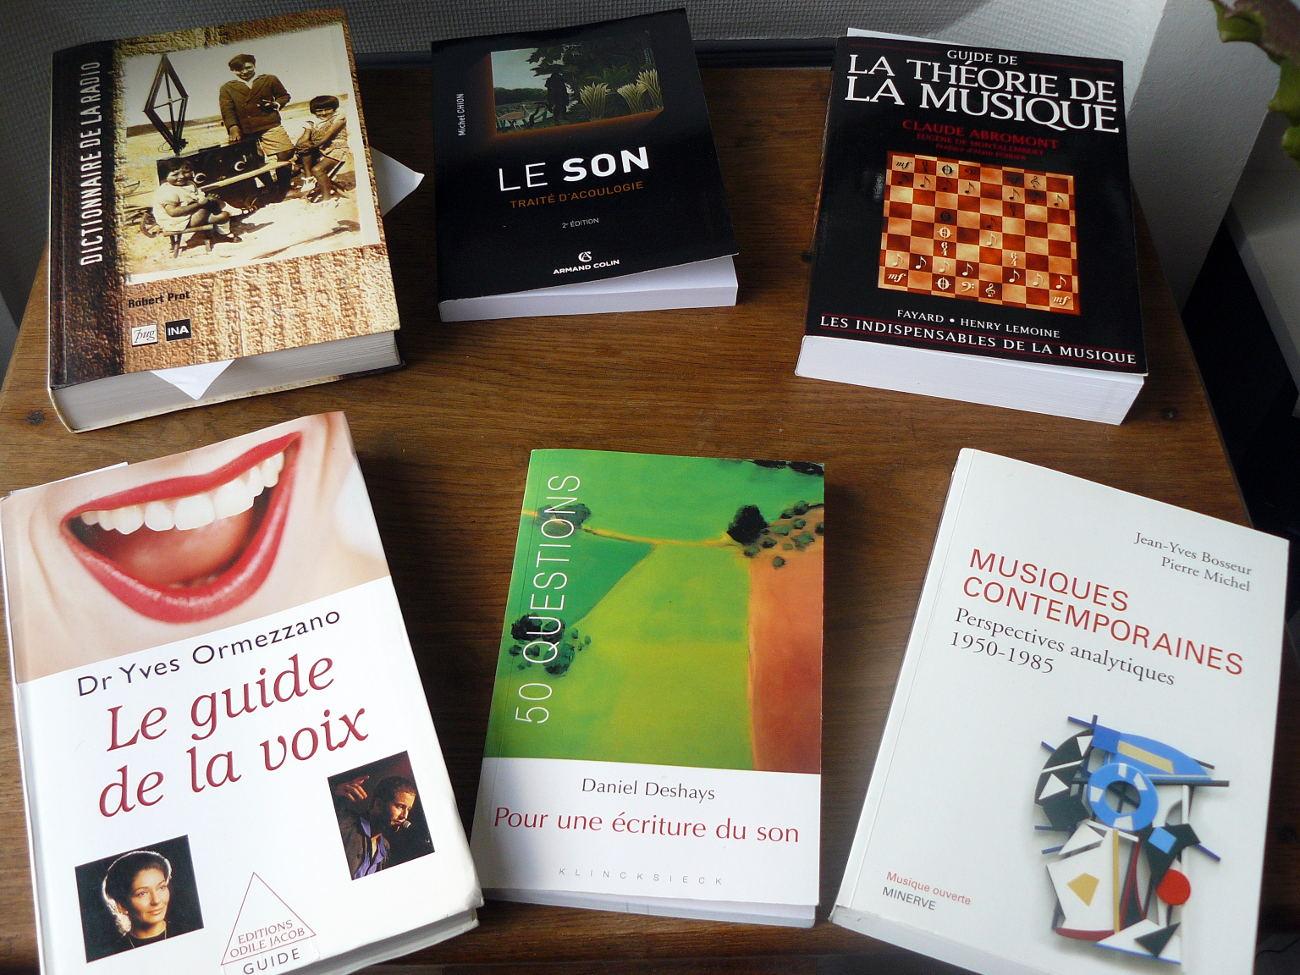 quelques livres sur le son